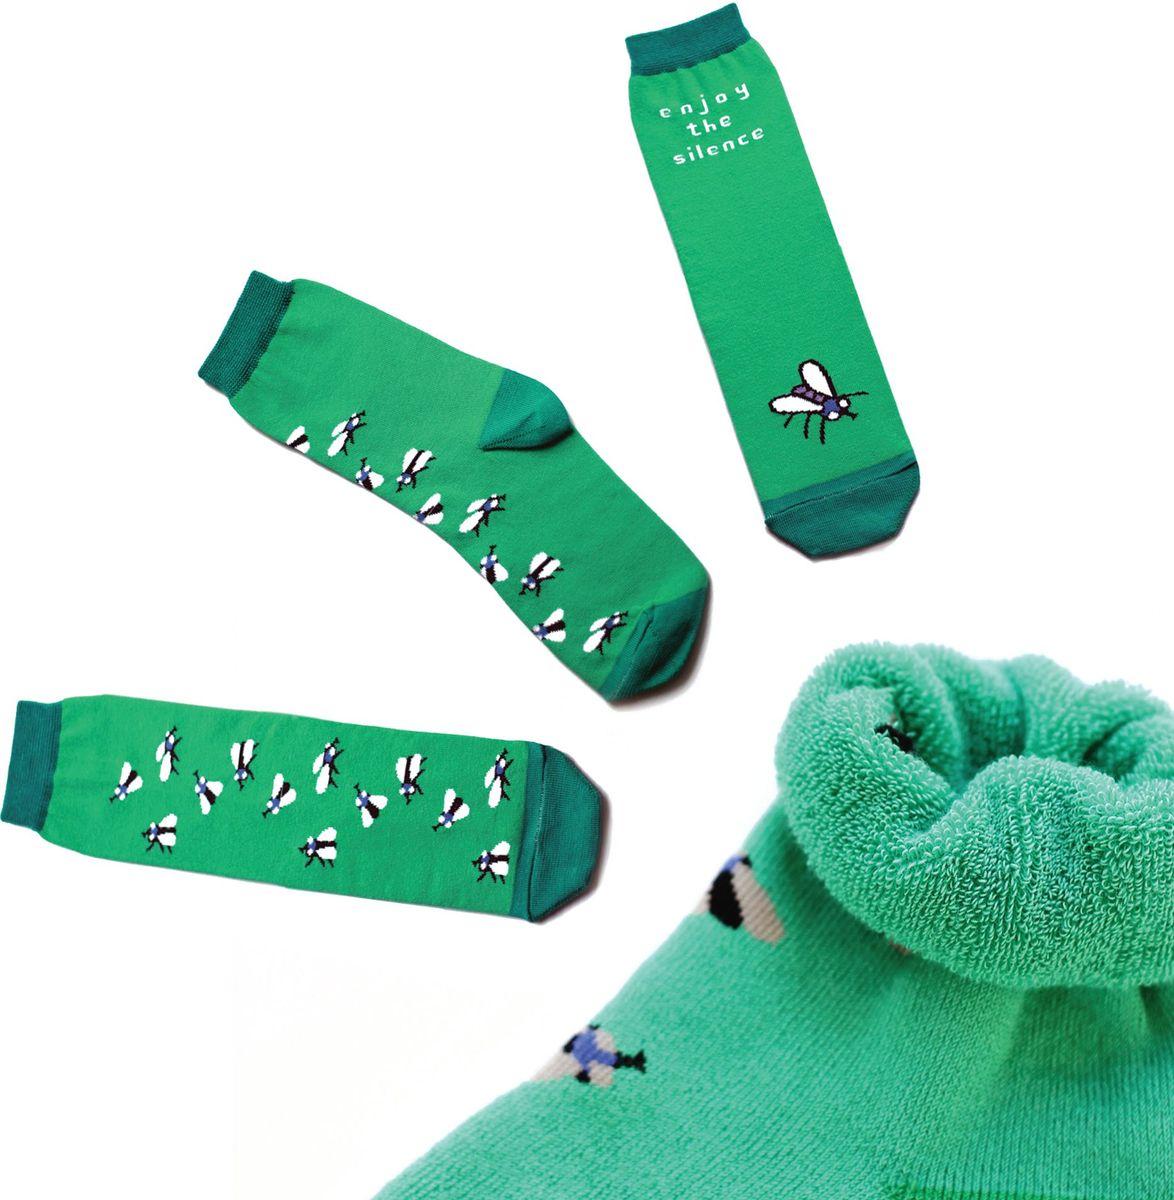 Носкиca1413Яркие носки с несимметричным принтом муха и надписью enjoy the silence (наслаждайся тишиной), махровые